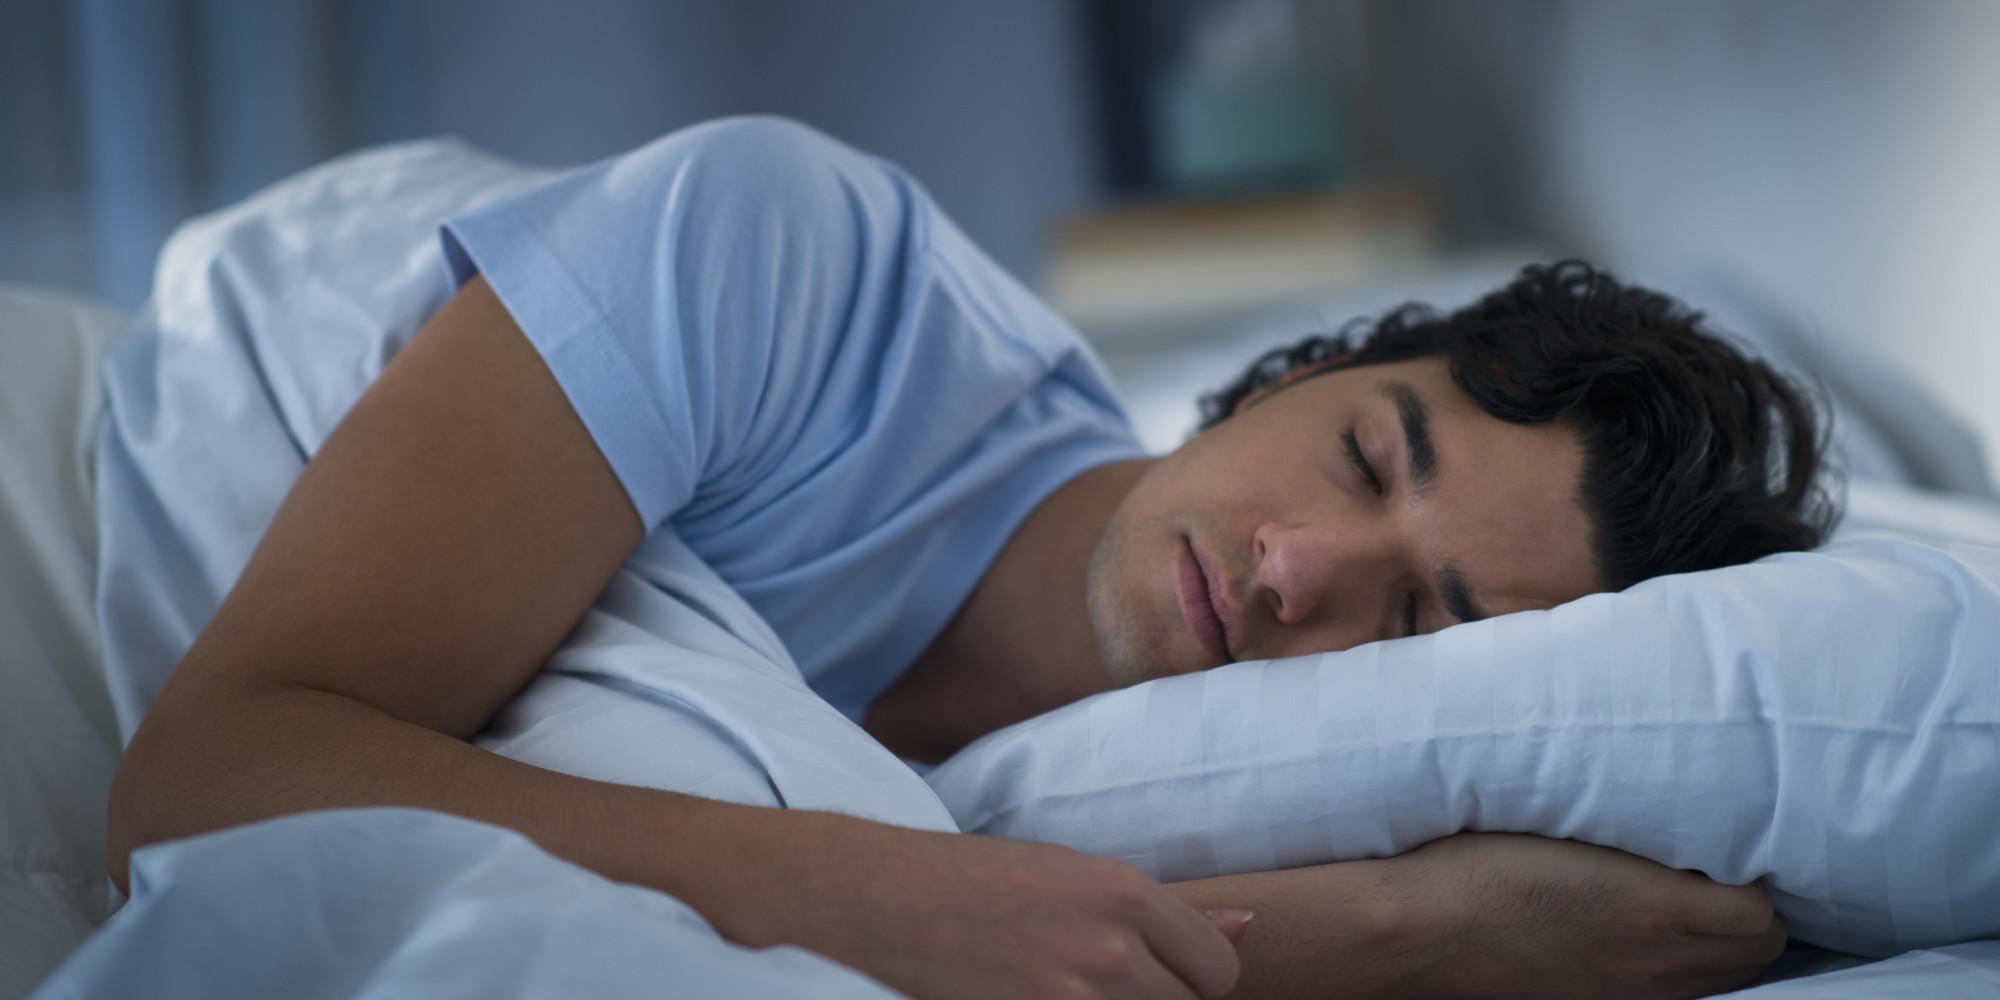 دوپہر کو کچھ دیر کی نیند ذہن کے لیے بہترین